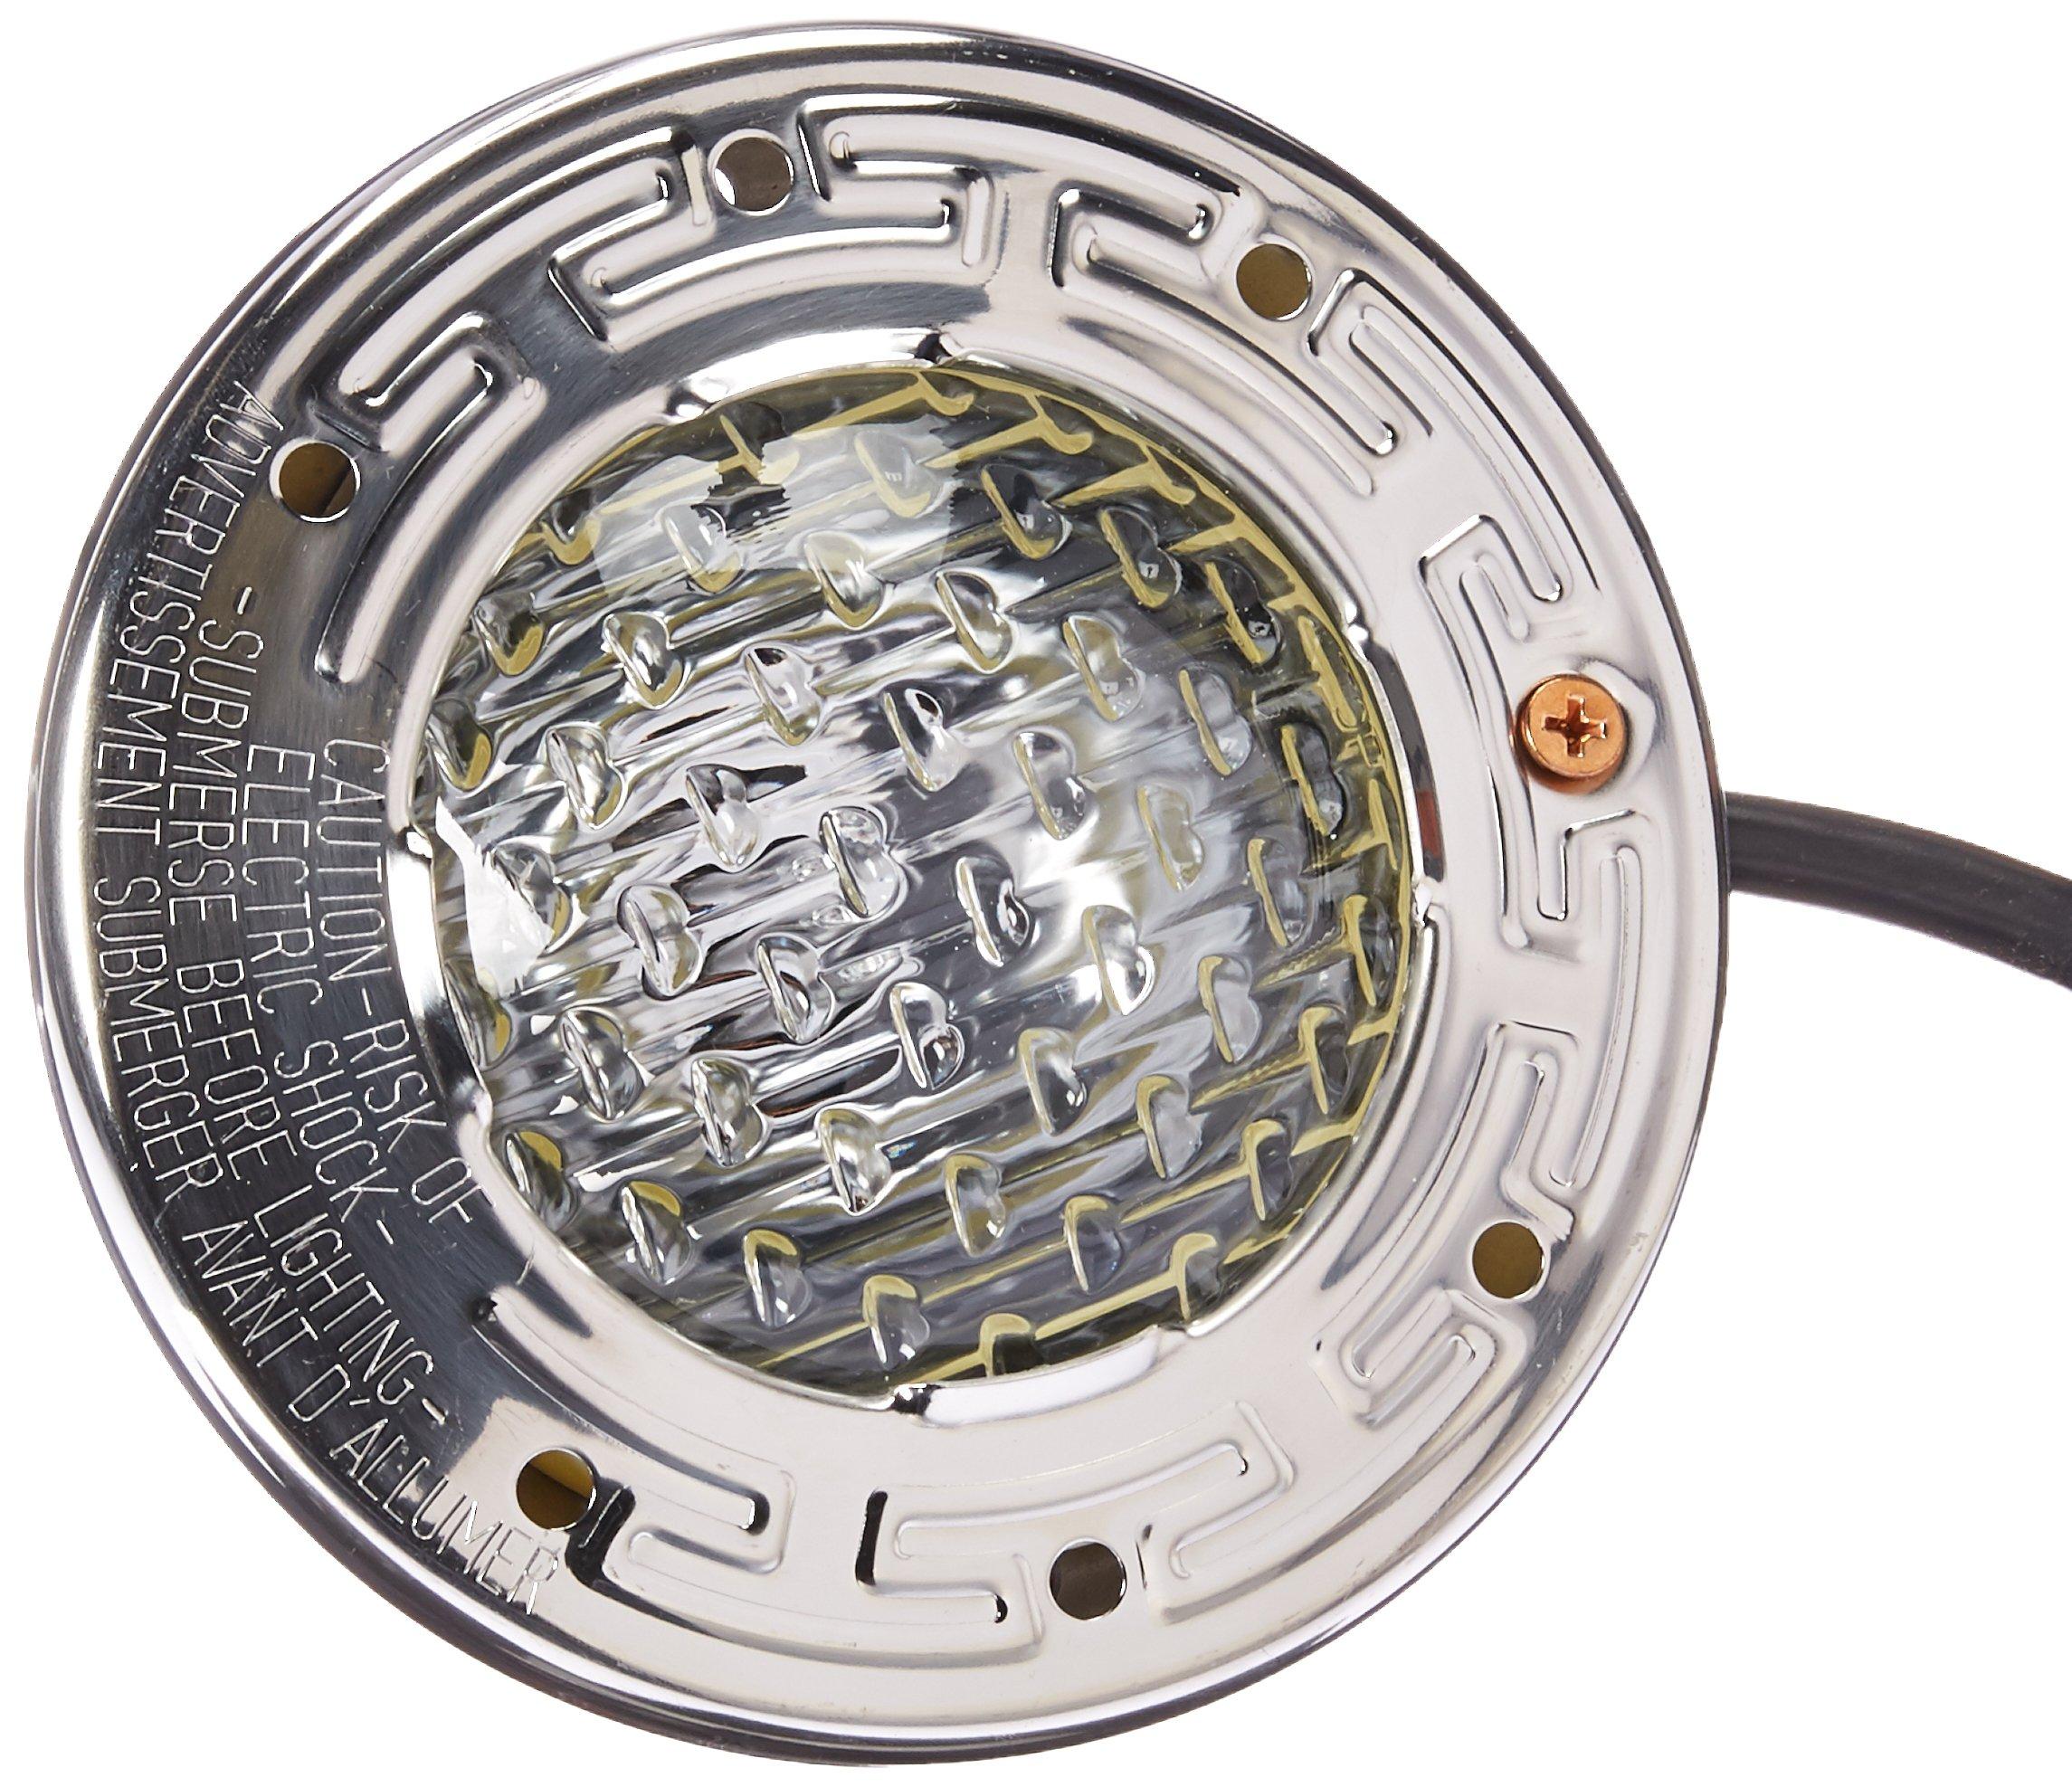 Pentair 77168100 Stainless Steel AquaLight Halogen Quartz Light 120-Volt 250-Watt, 50-Feet Cord by Pentair